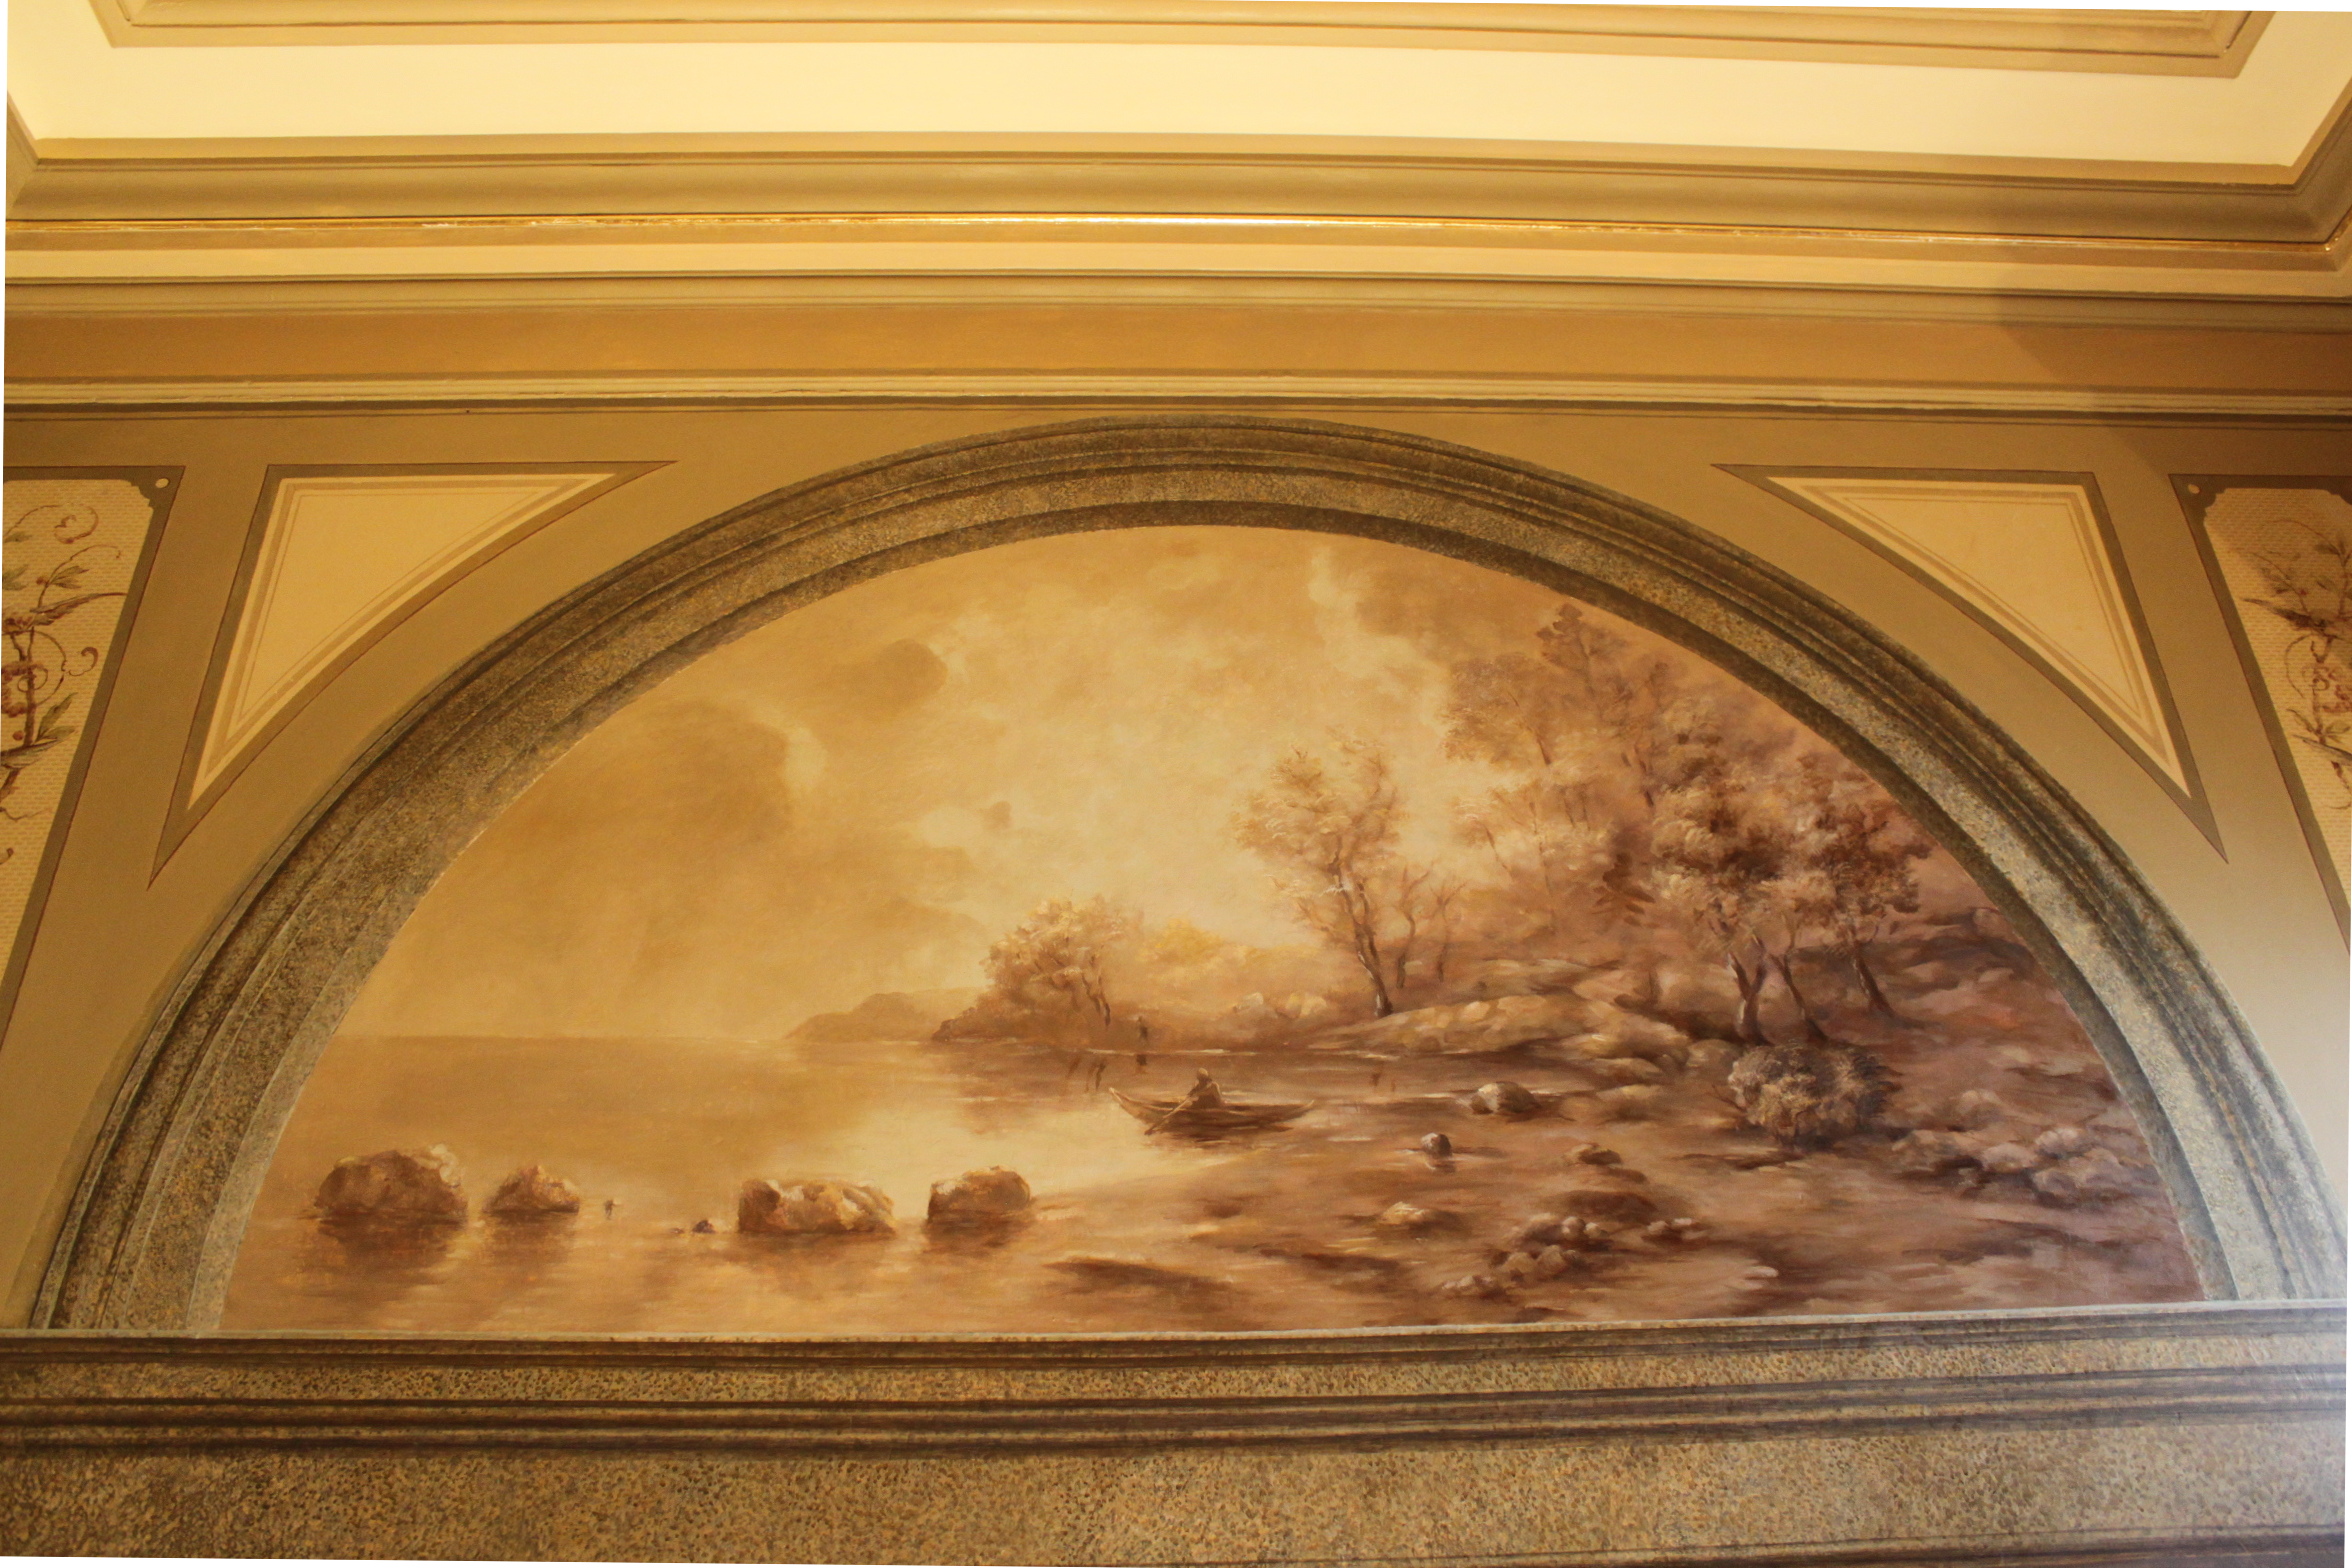 Old mural lake scene